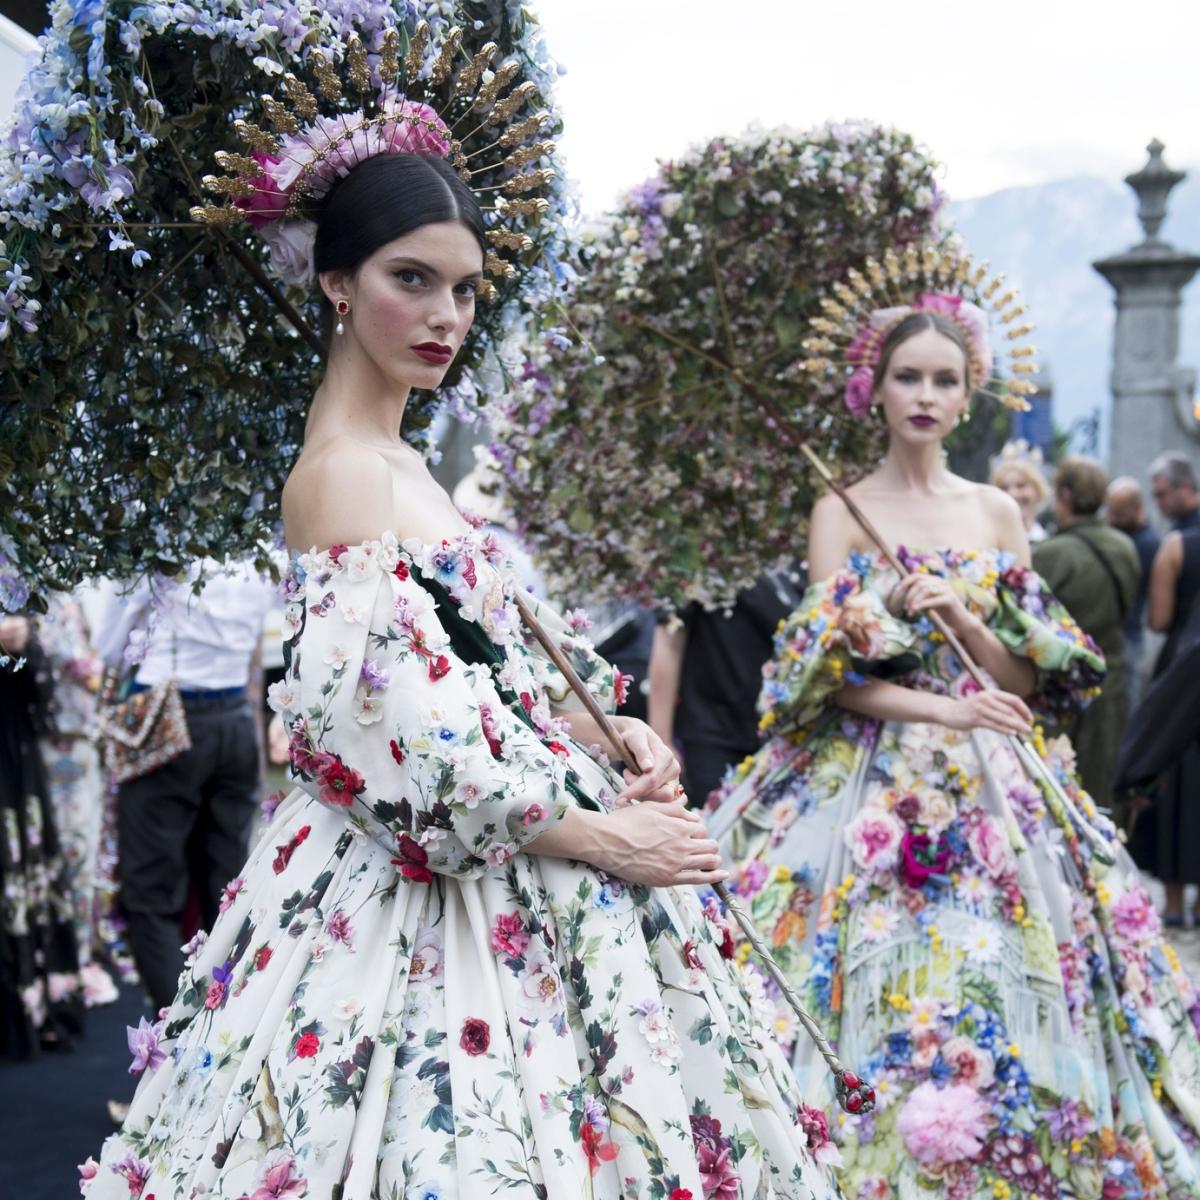 Dolce & Gabbana Alta Moda FW 18/19